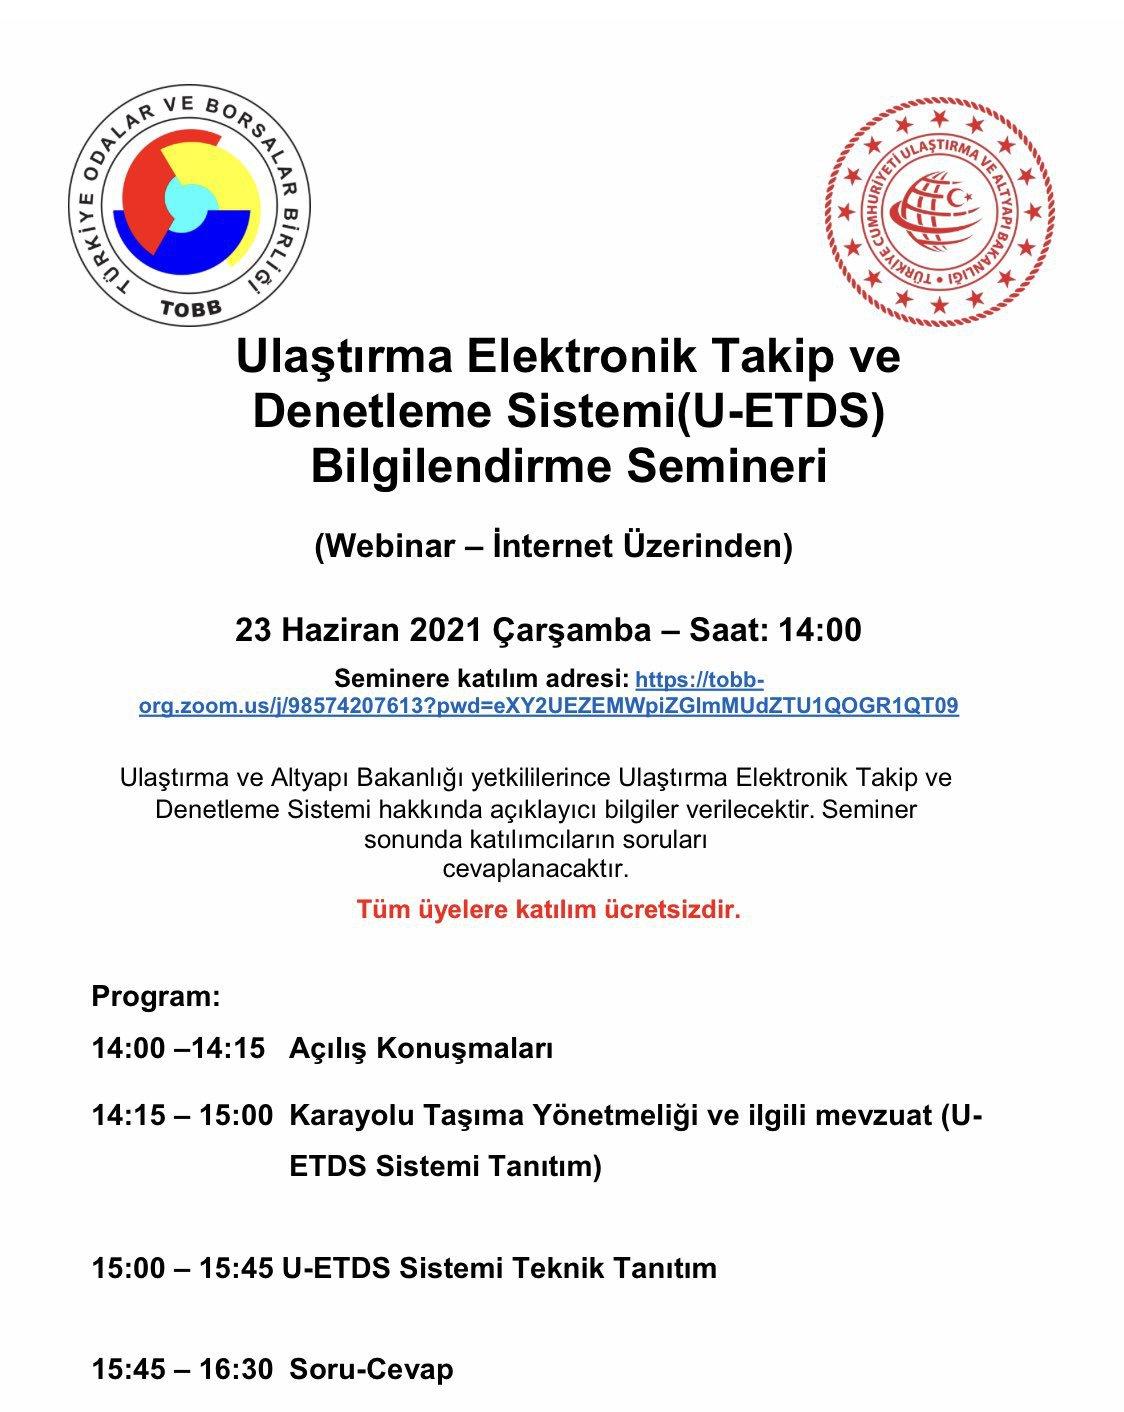 Ulaştırma Elektronik Takip ve Denetleme Sistemi(U-ETDS) Bilgilendirme Semineri